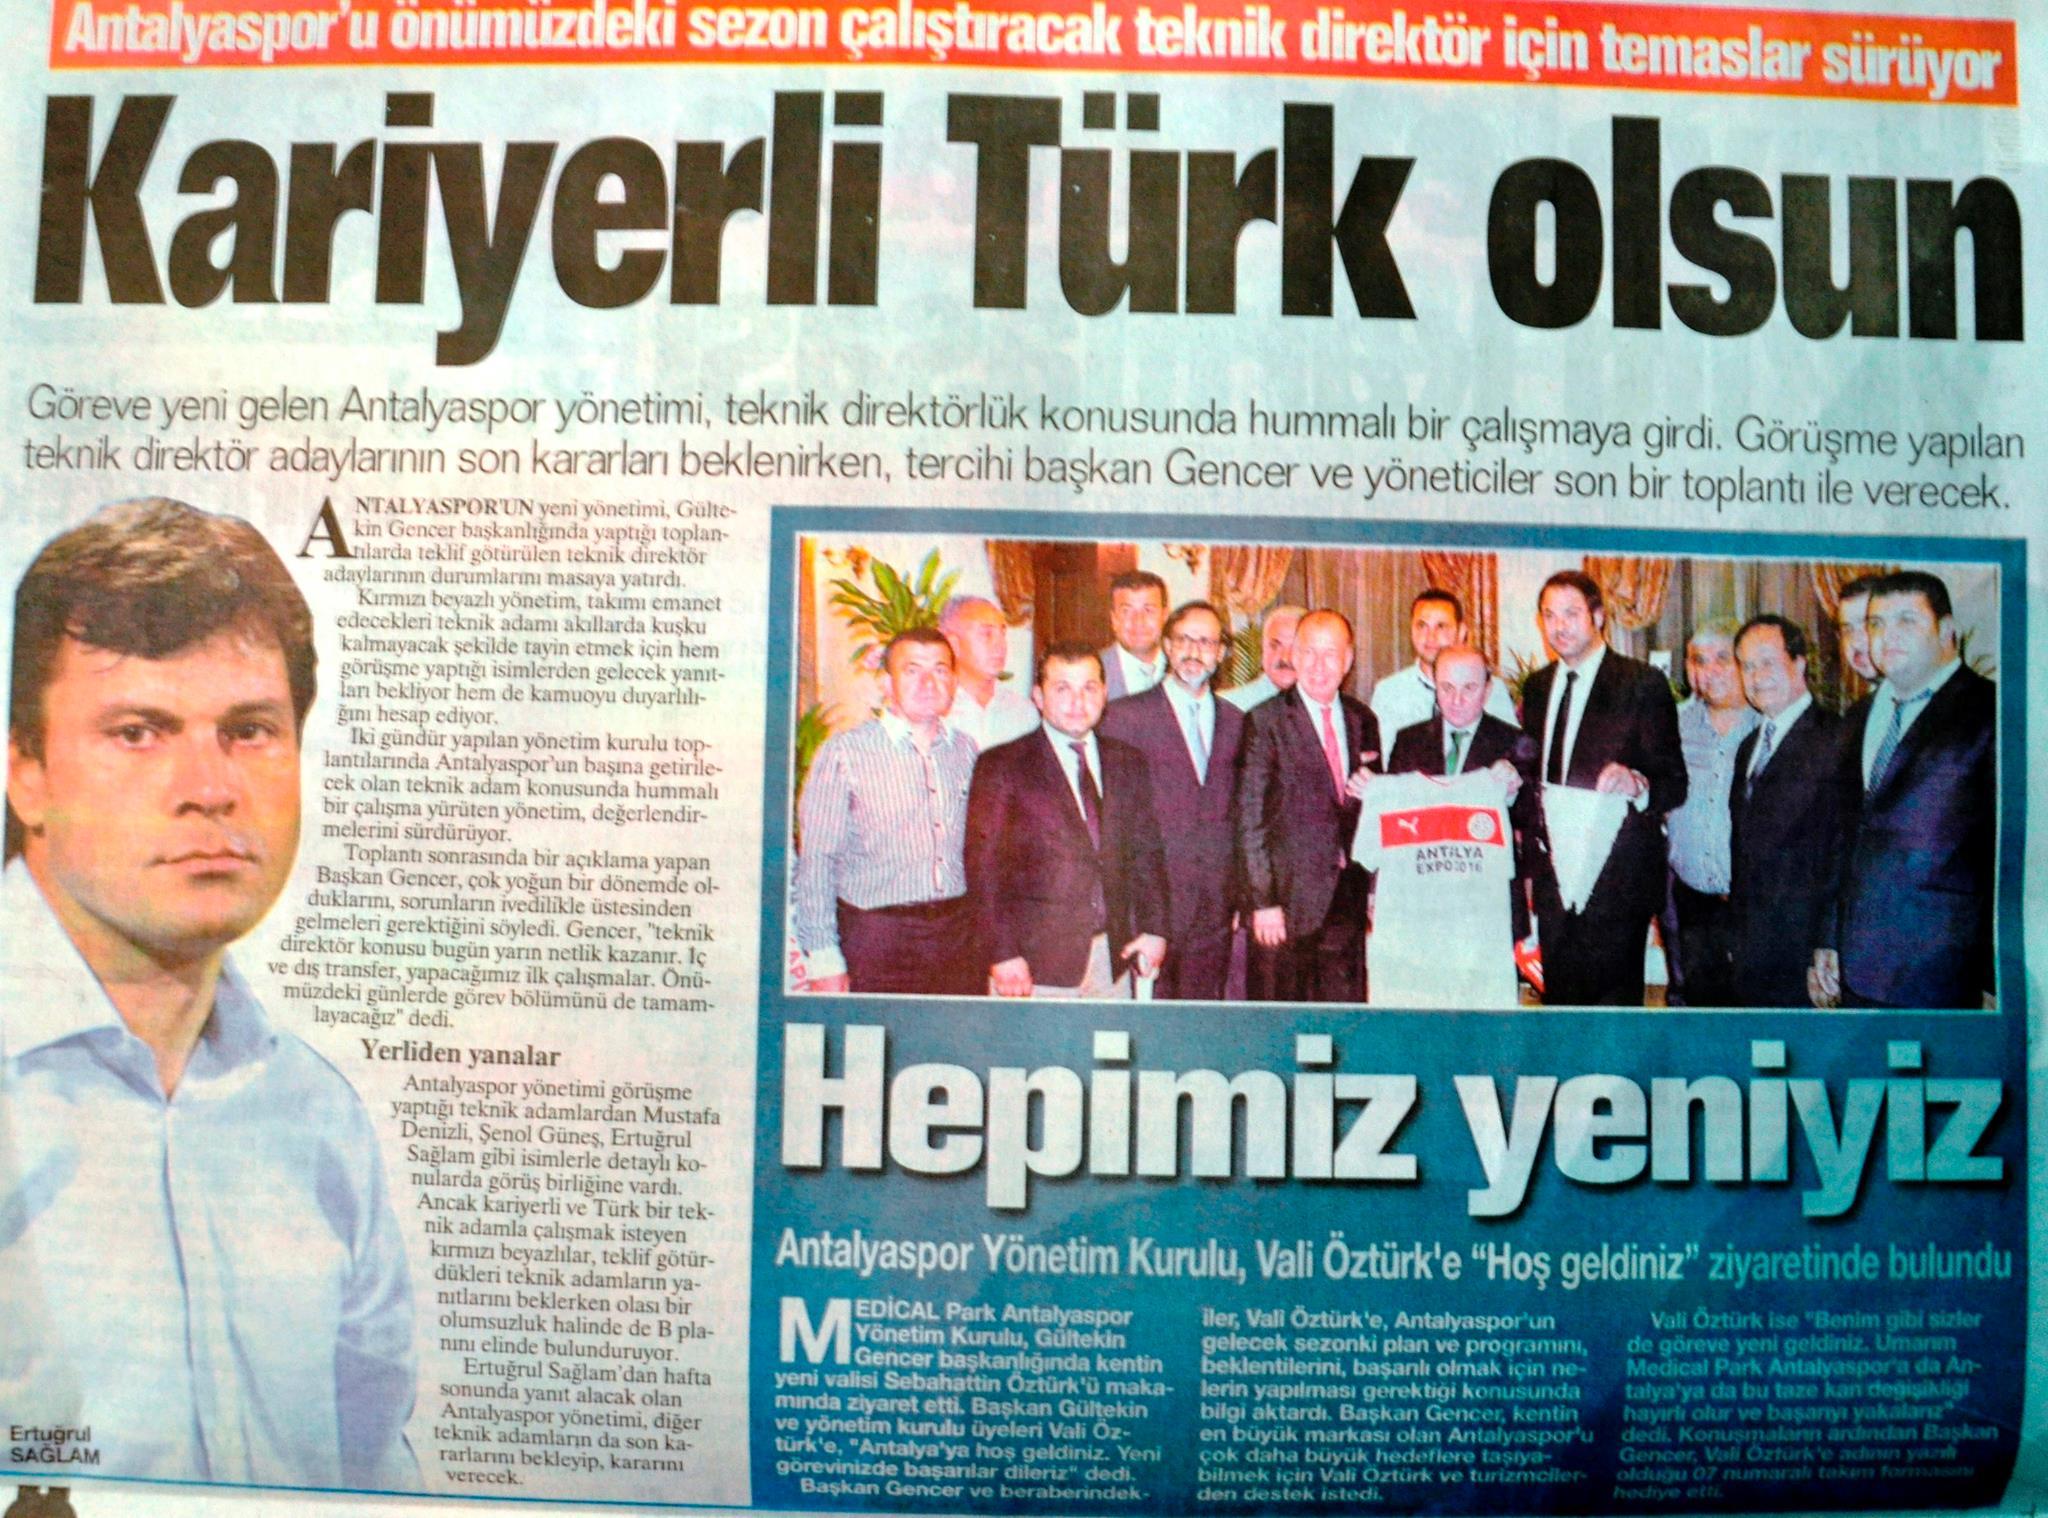 Kariyerli Türk olsun